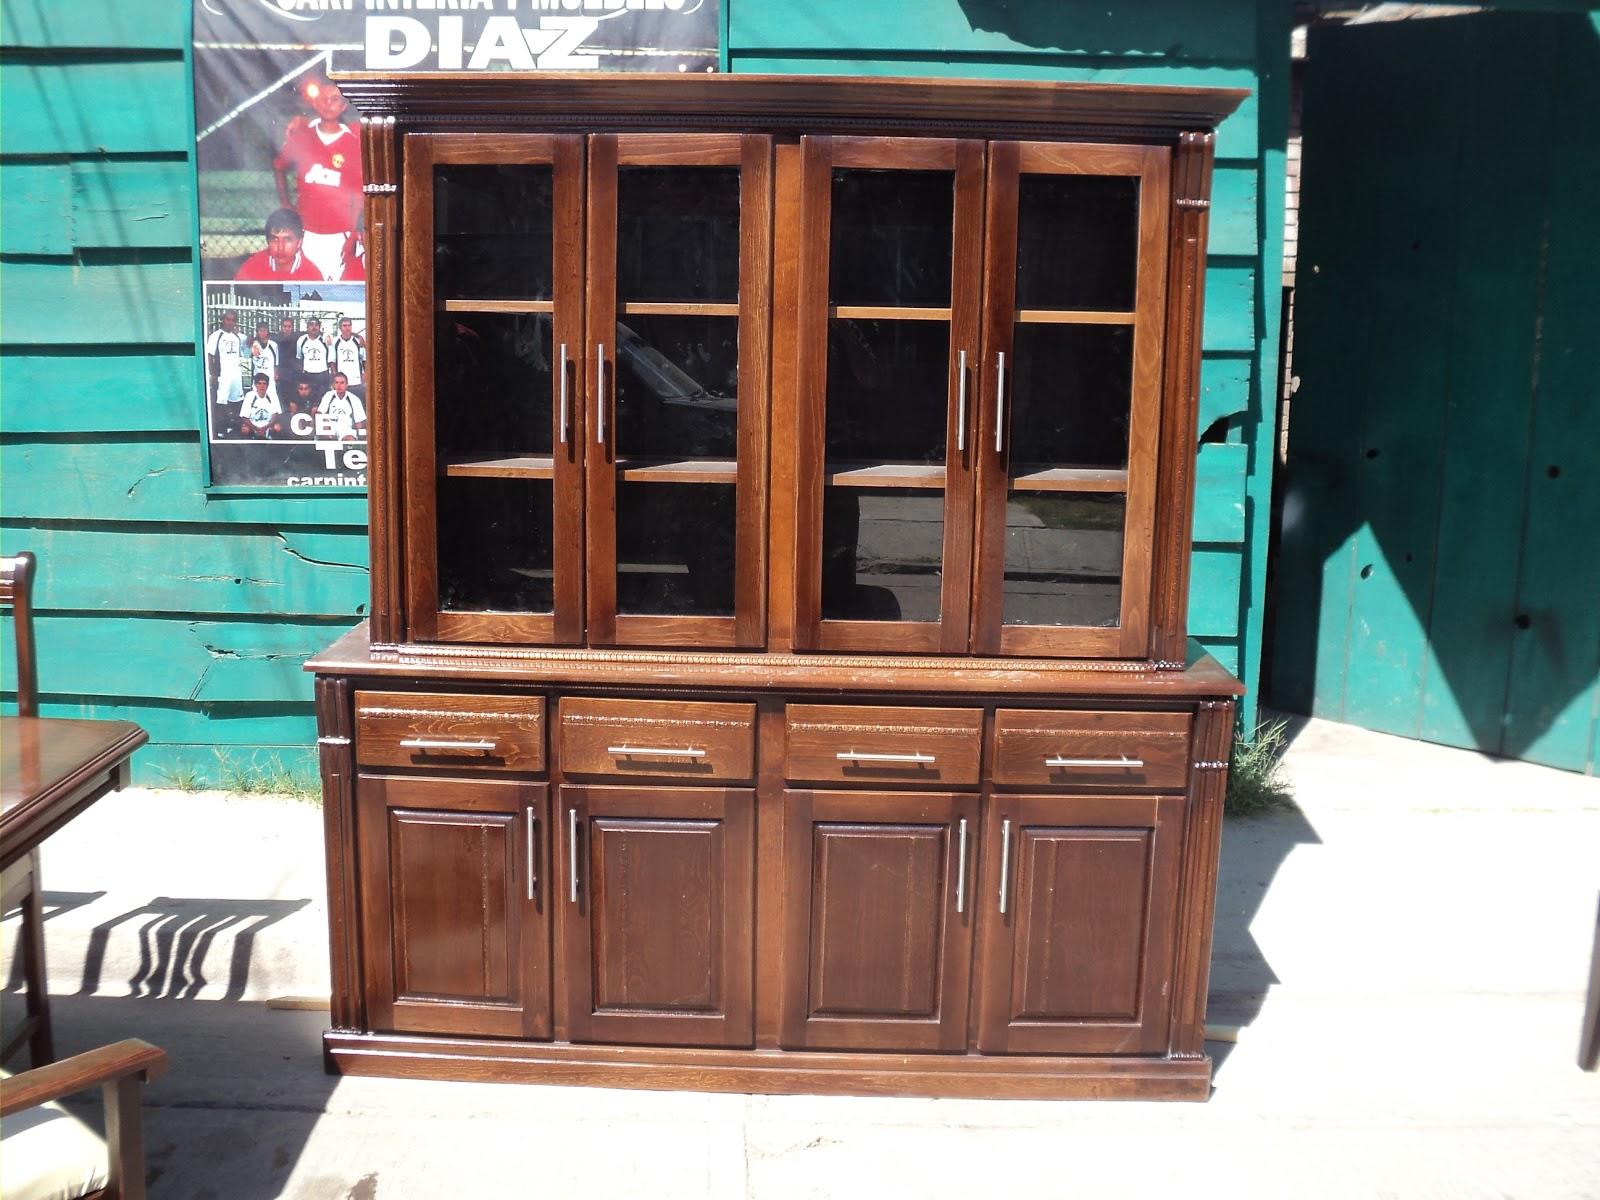 carpinteria y muebles diaz comedor de 8 sillas y vitrina